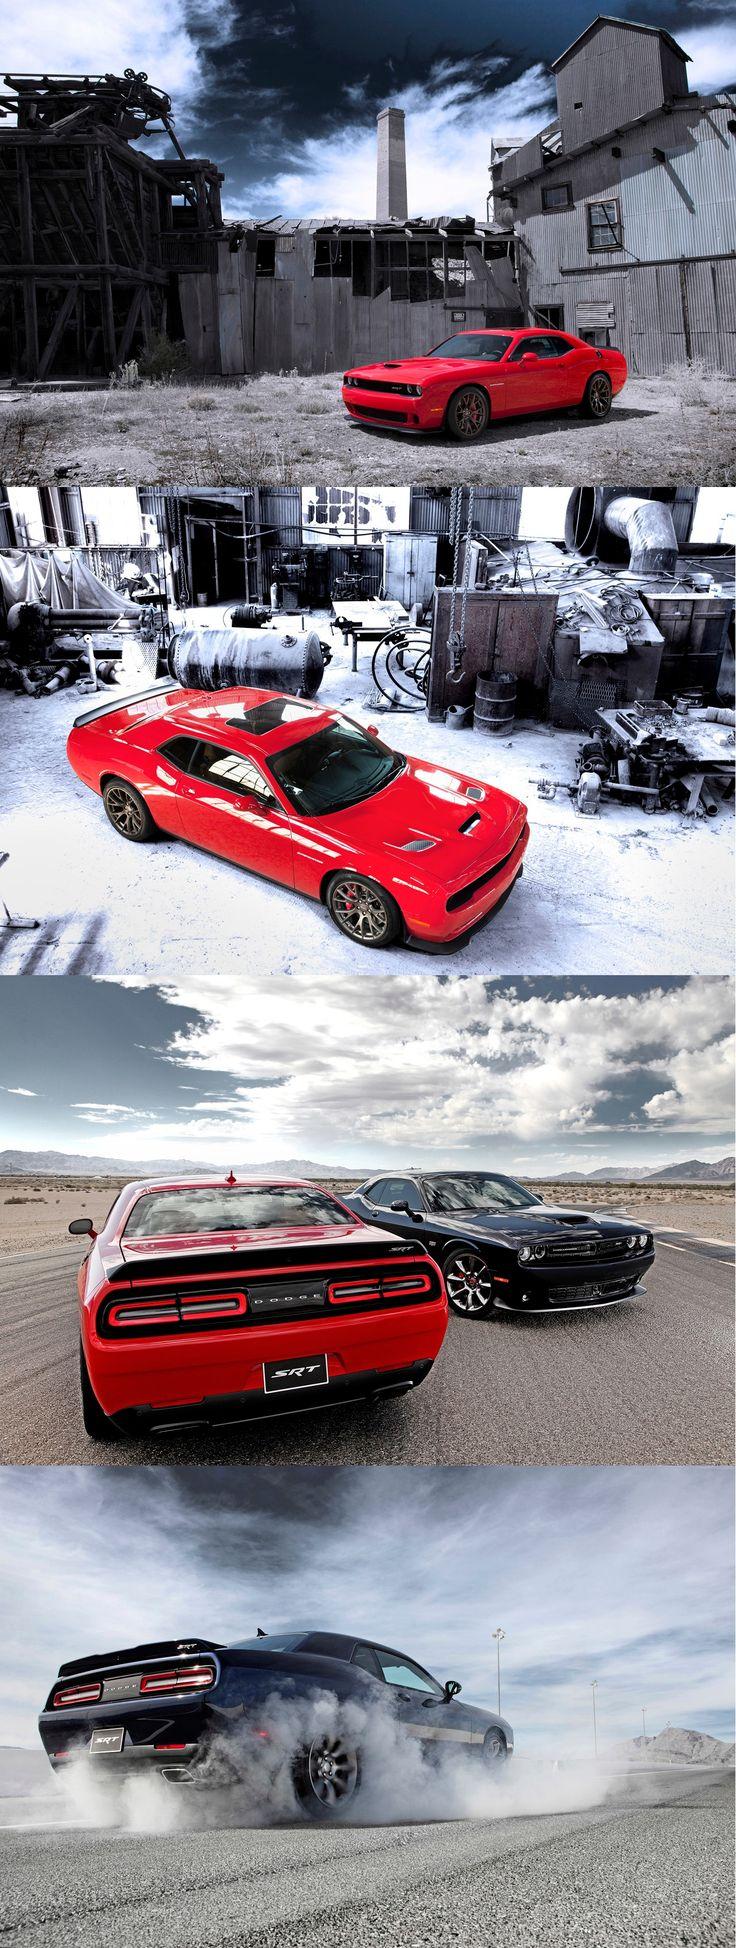 Dodge Challenger SRT Hellcat w/ Supercharged 6.2-liter Hemi V8 Making 600+ Horsepower